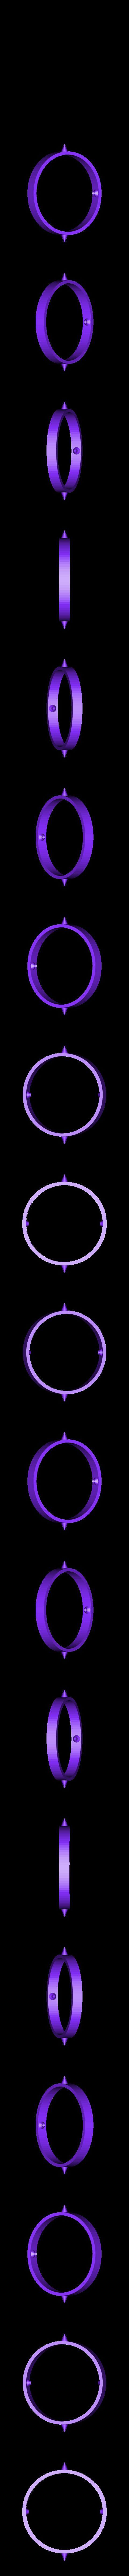 gyroscope-gimbal2.stl Télécharger fichier STL gratuit Gyroscope jouet • Modèle imprimable en 3D, AliSouskian